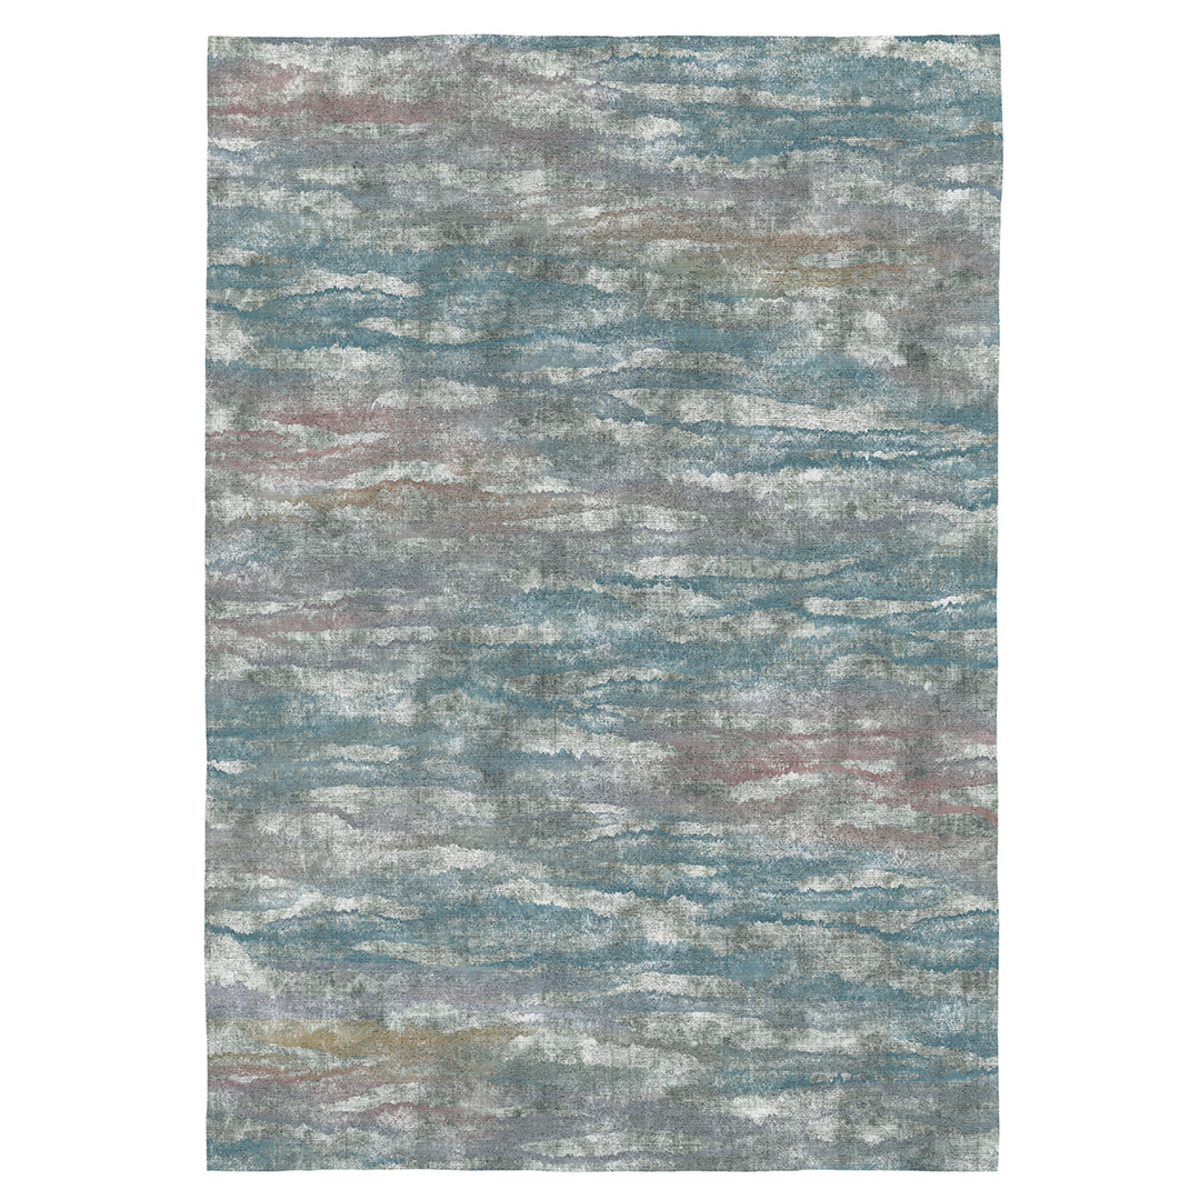 Tapis décoratif style moderne en coton imprimé numérique 140x200 cm